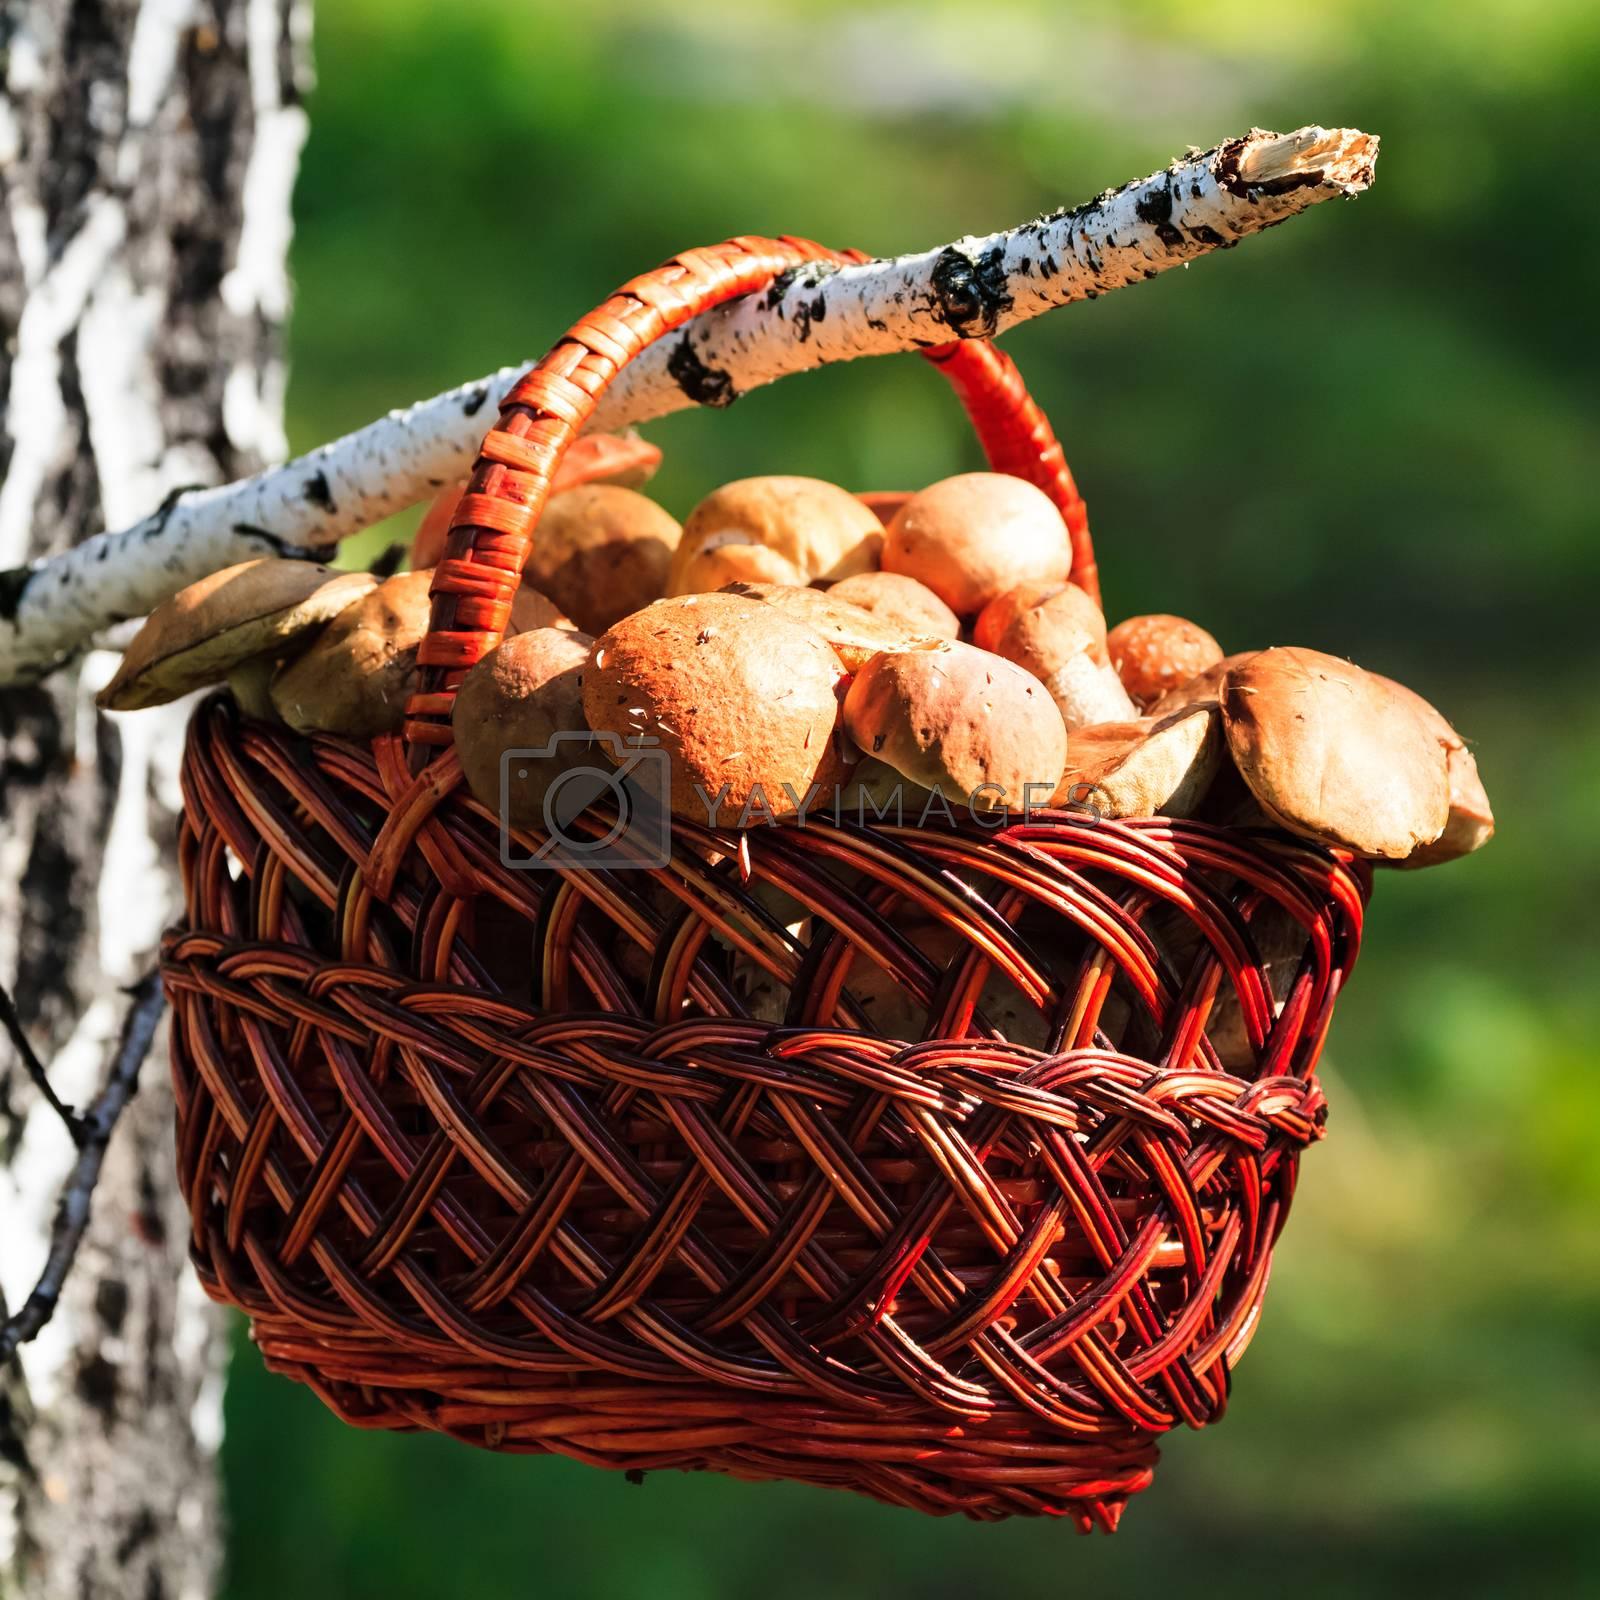 Shot of a big basket full of mushrooms